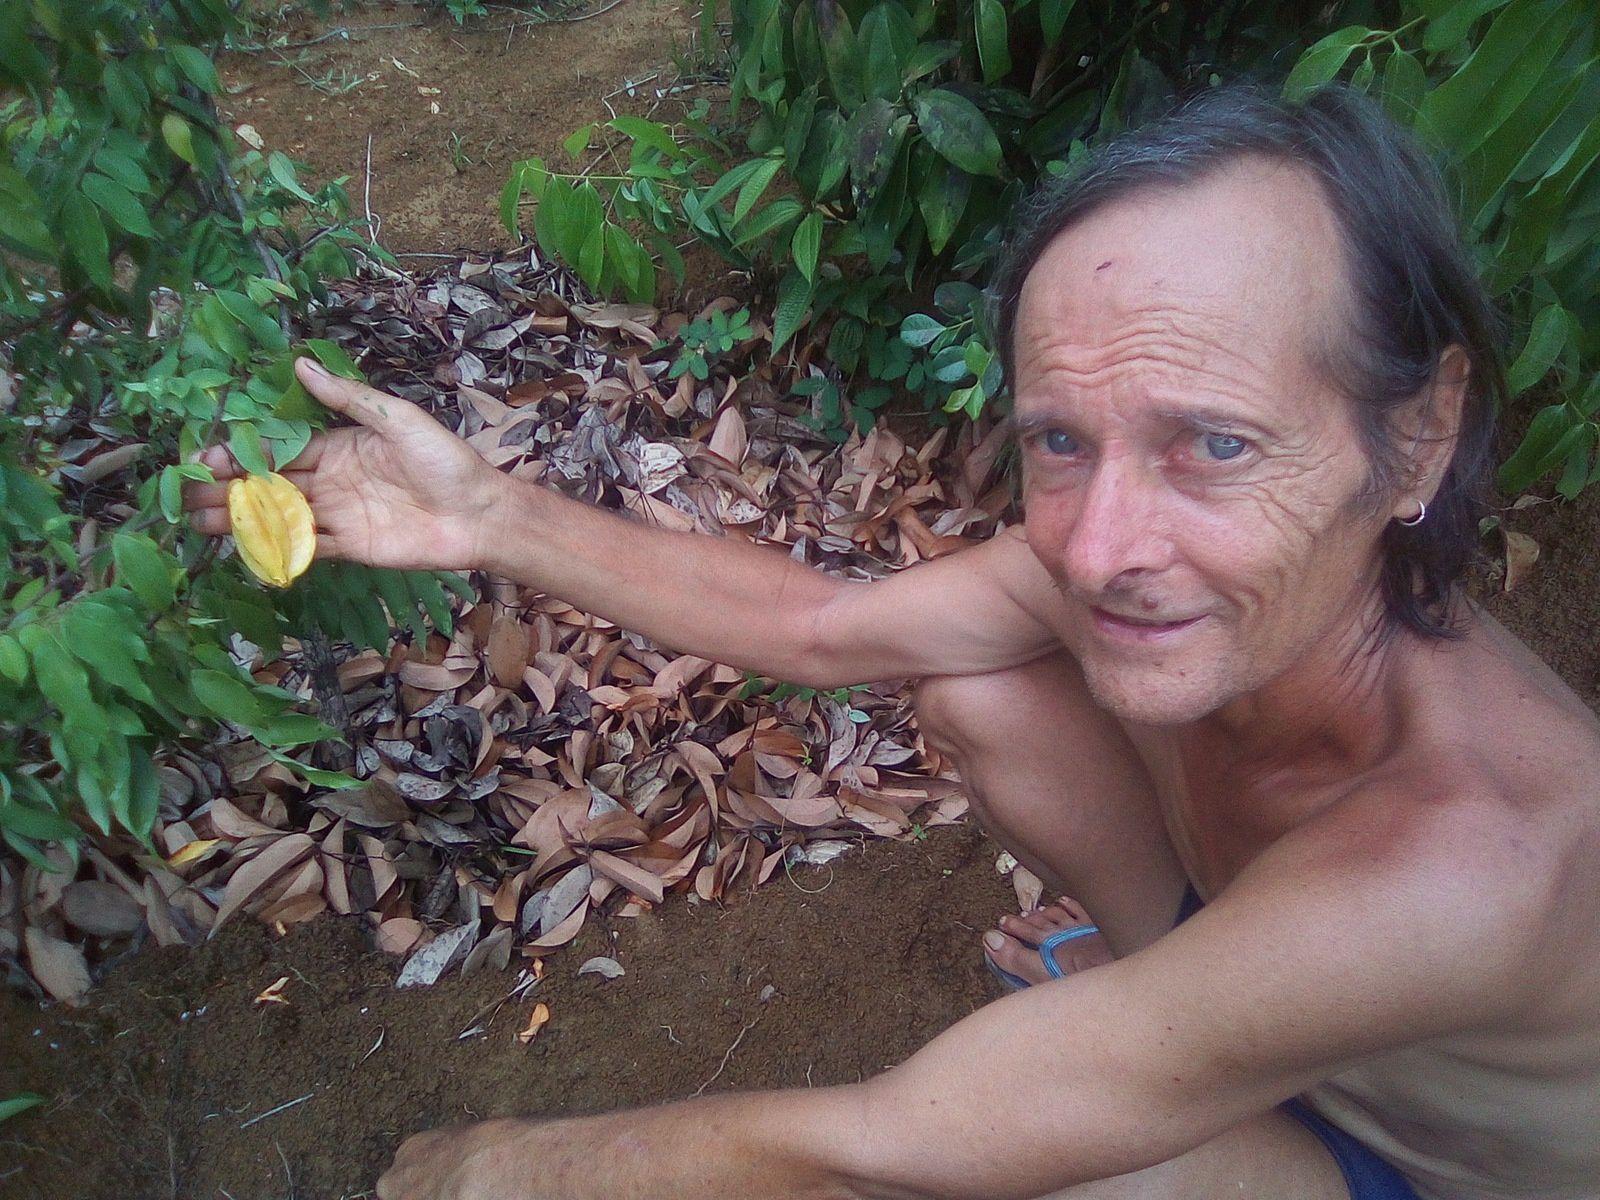 fleurs et fruits, les plaisirs de la Vie de Nanou le savoyard de Madagascar  ! ! !